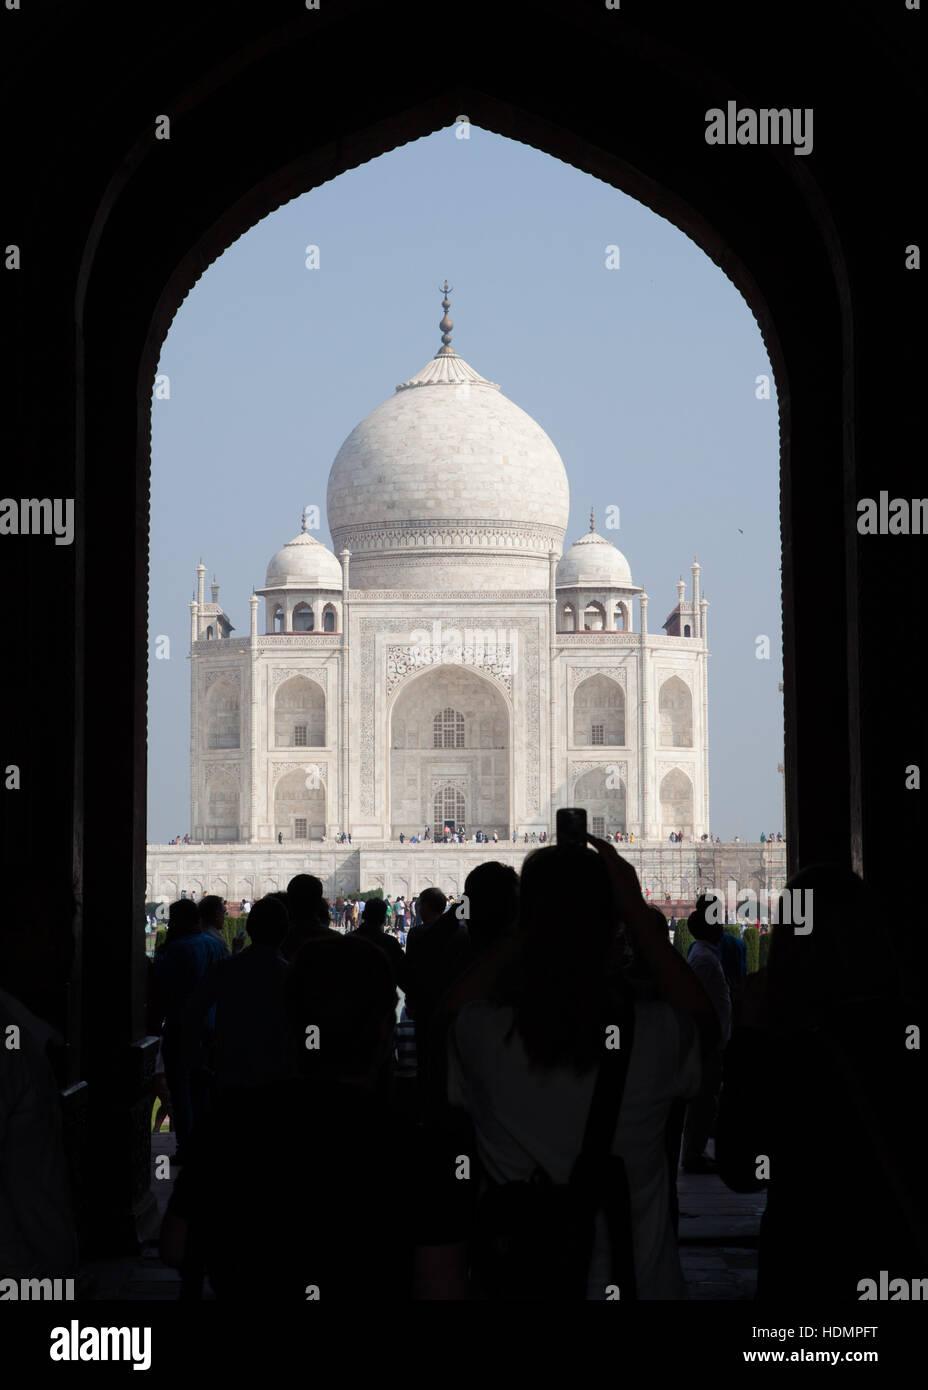 El Taj Mahal mausoleo,vista a través de la puerta de entrada, Uttar Pradesh, India Imagen De Stock